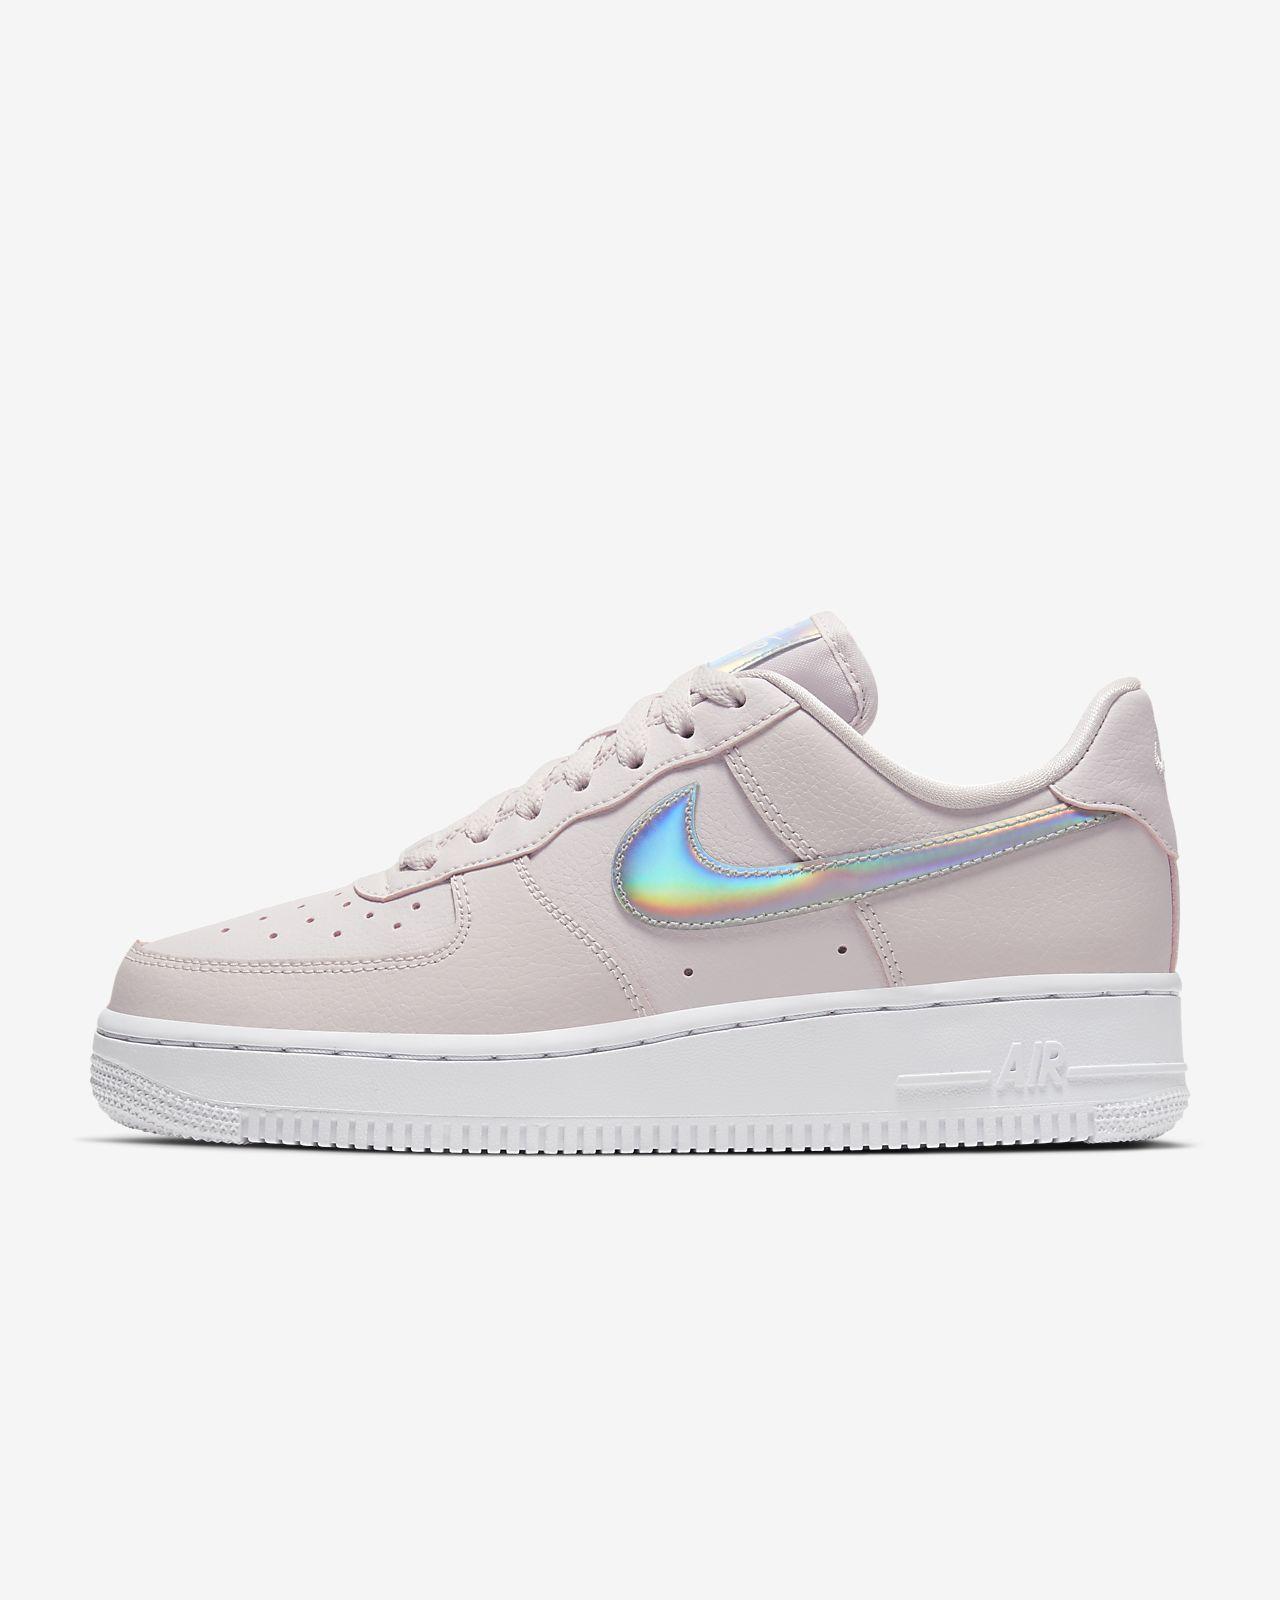 รองเท้าผู้หญิง Nike Air Force 1 '07 Essential